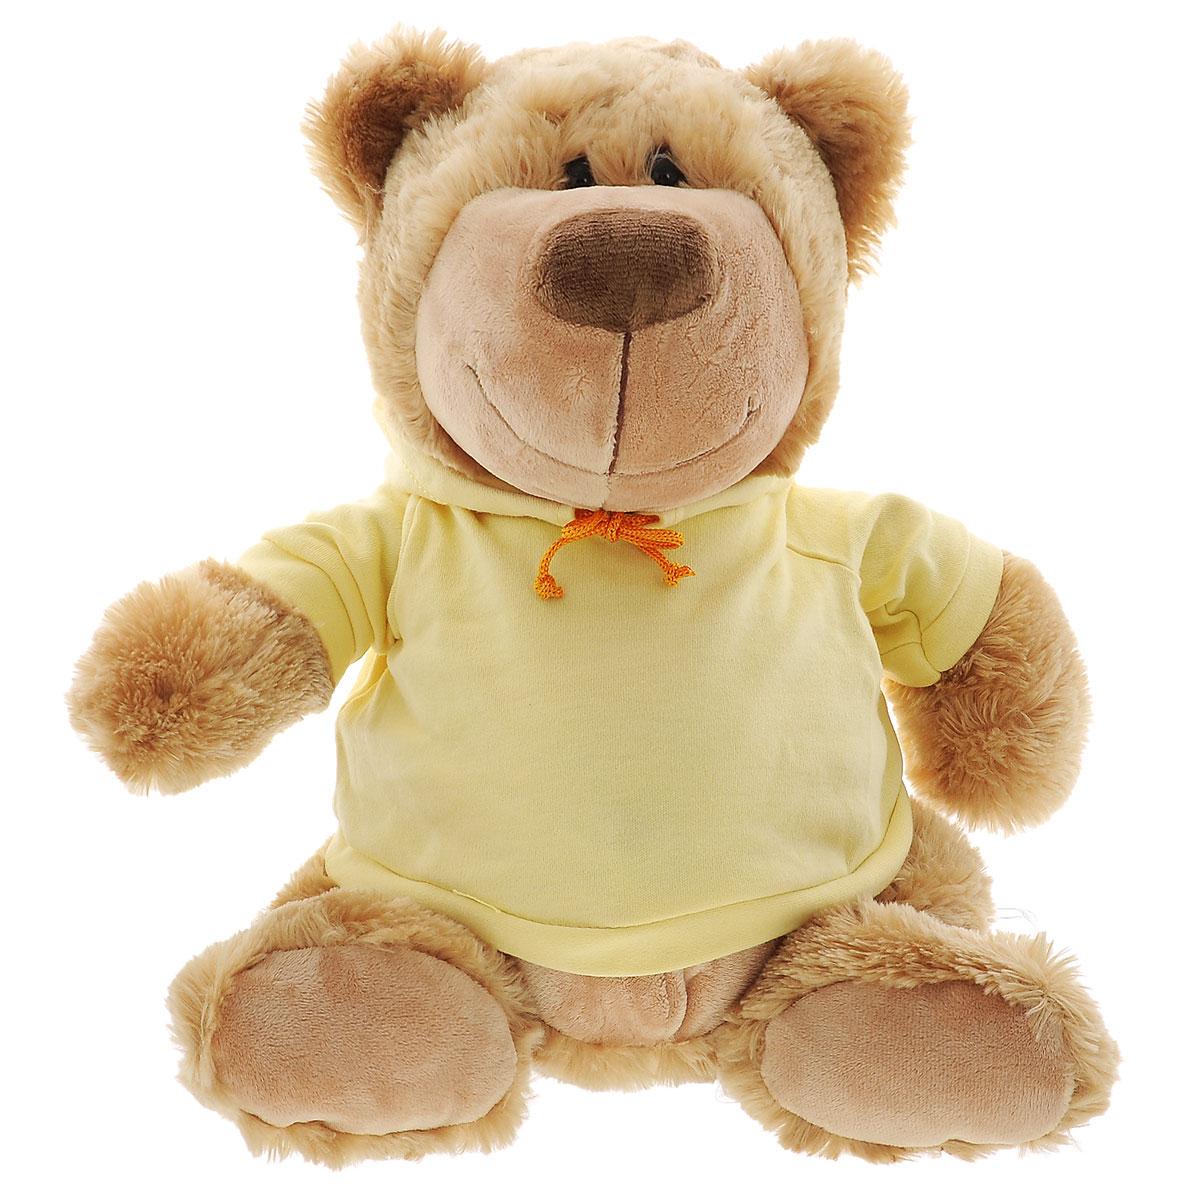 Мягкая игрушка Plush Apple Клевый медведь в кофте, 37 см мягкая игрушка plush apple собака с шарфом 28 см